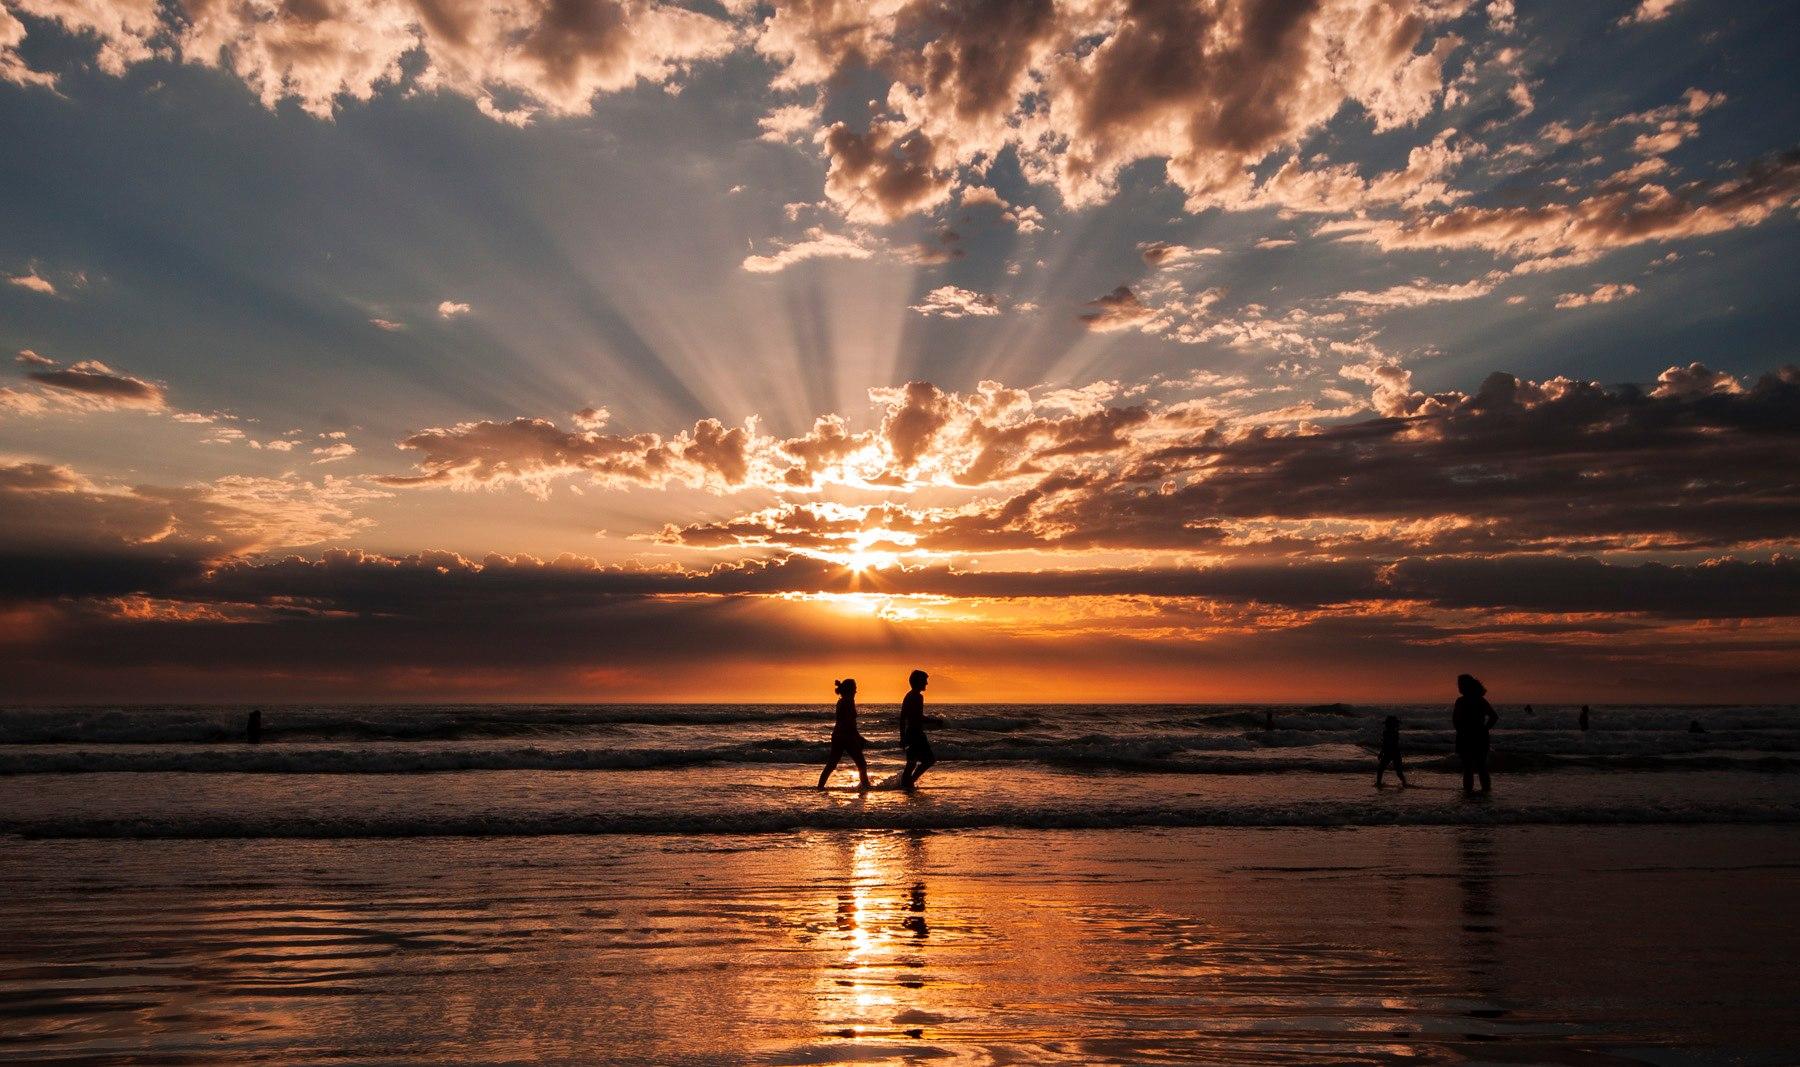 sunset-strand-beach-rays